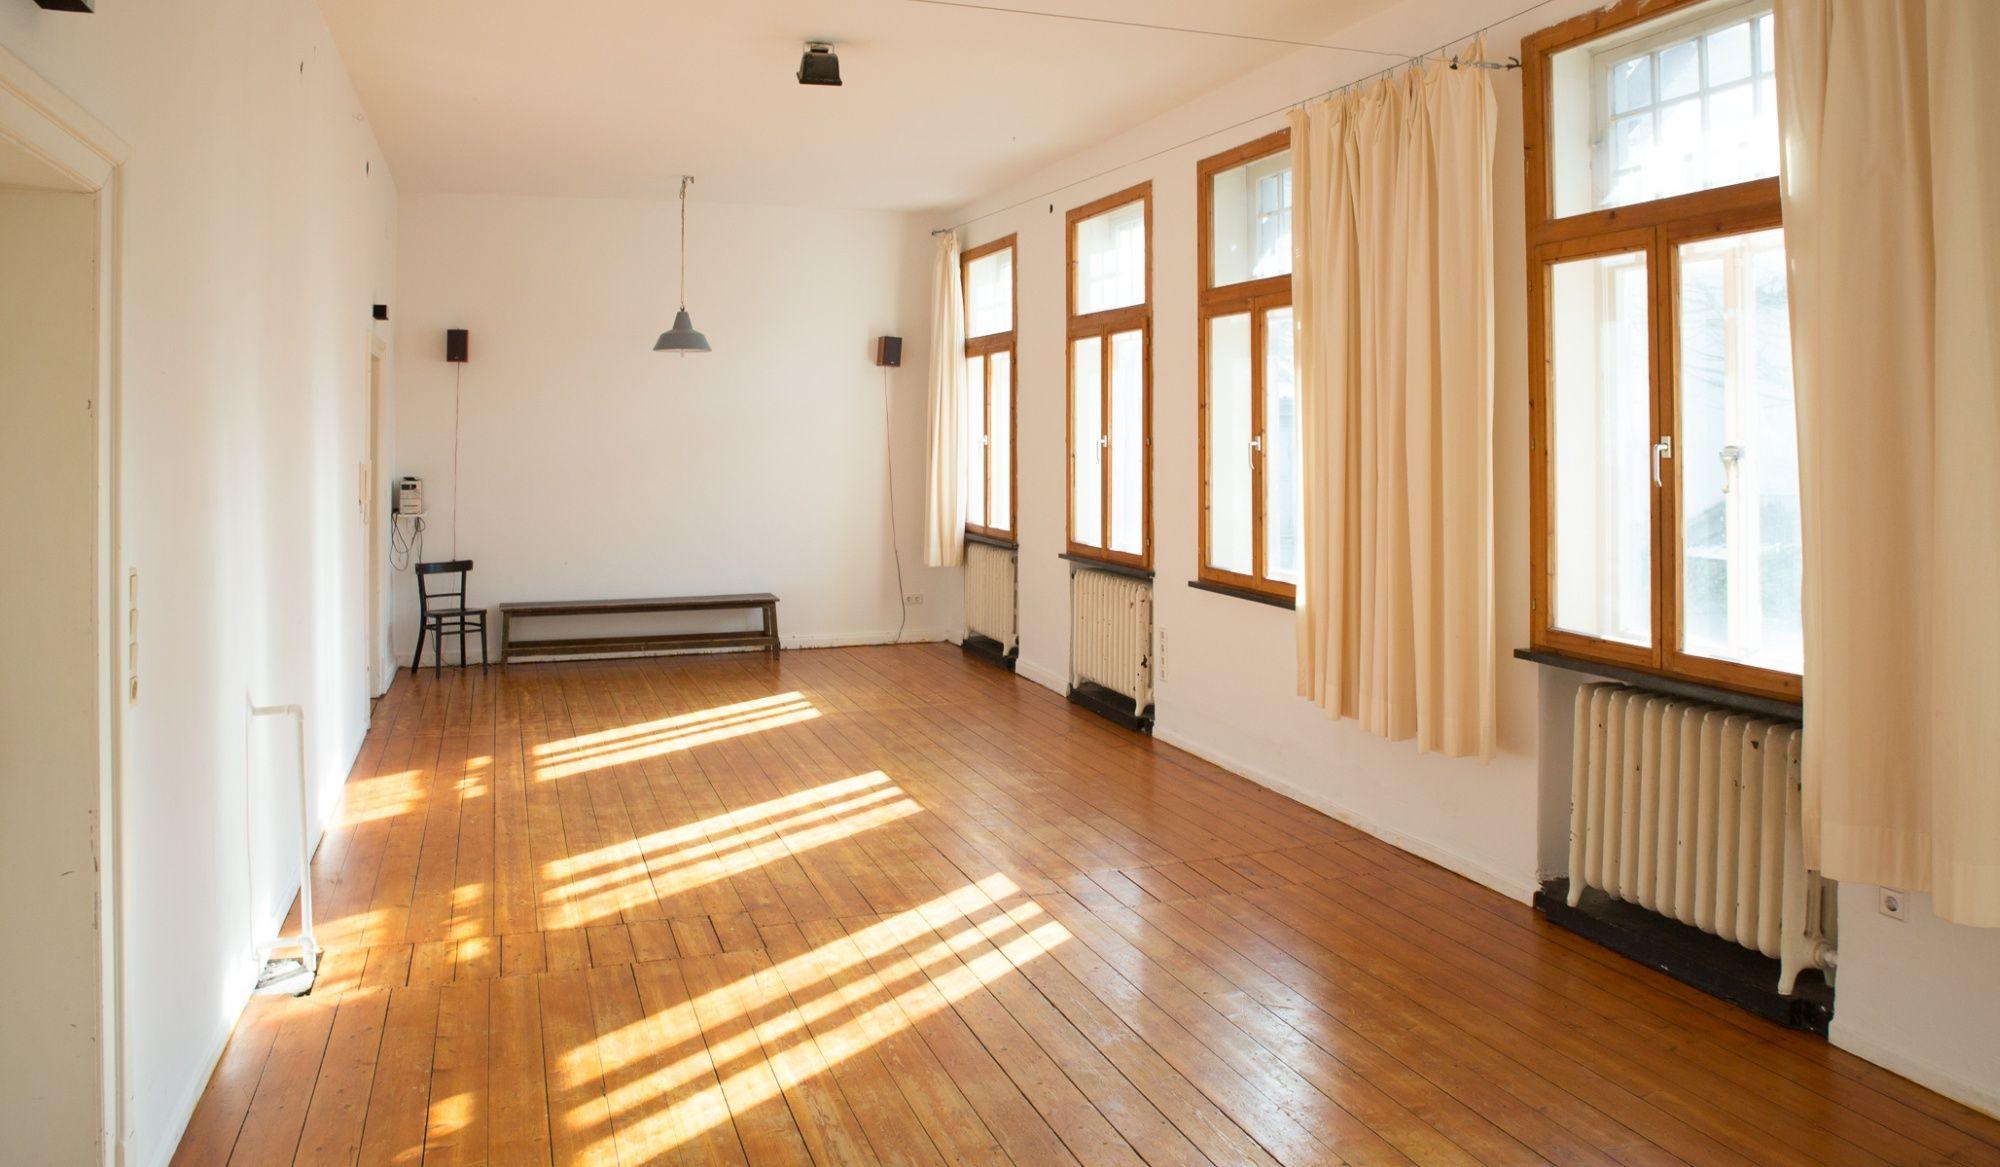 Das theaterkontor ist ein Werkstatthaus für die freie Kreativszene Bremens. Es beherbergt unterschiedliche Kulturinitiativen und bietet Proben- bzw. Kurs...